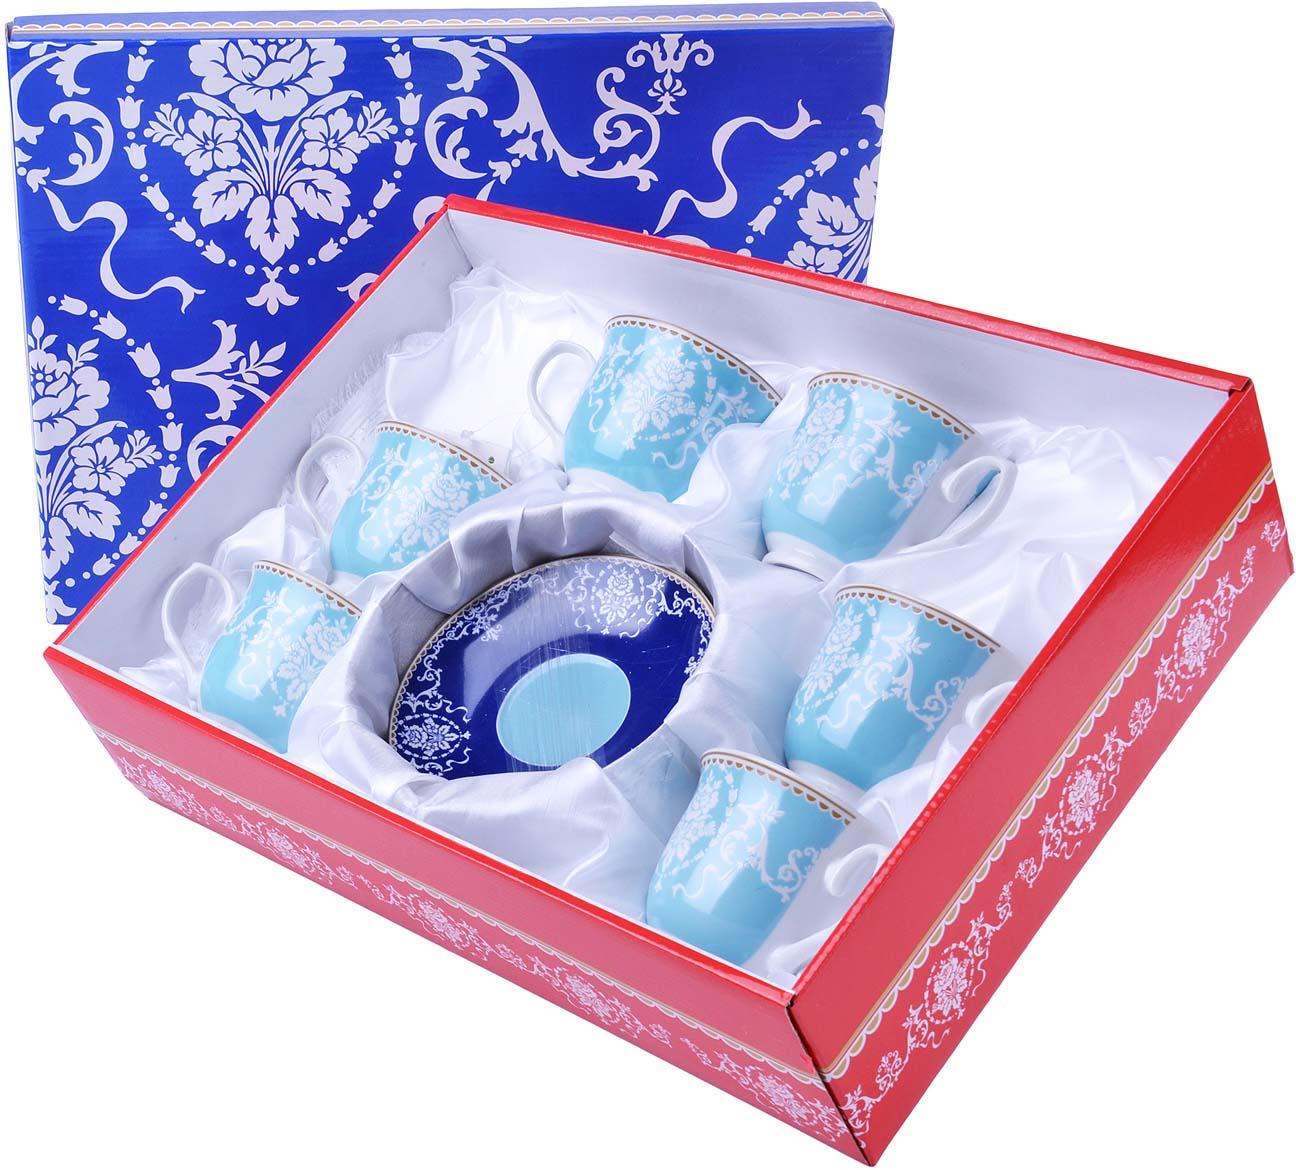 Сервиз чайный Loraine, цвет: голубой, красный, белый, 12 предметов. у4030